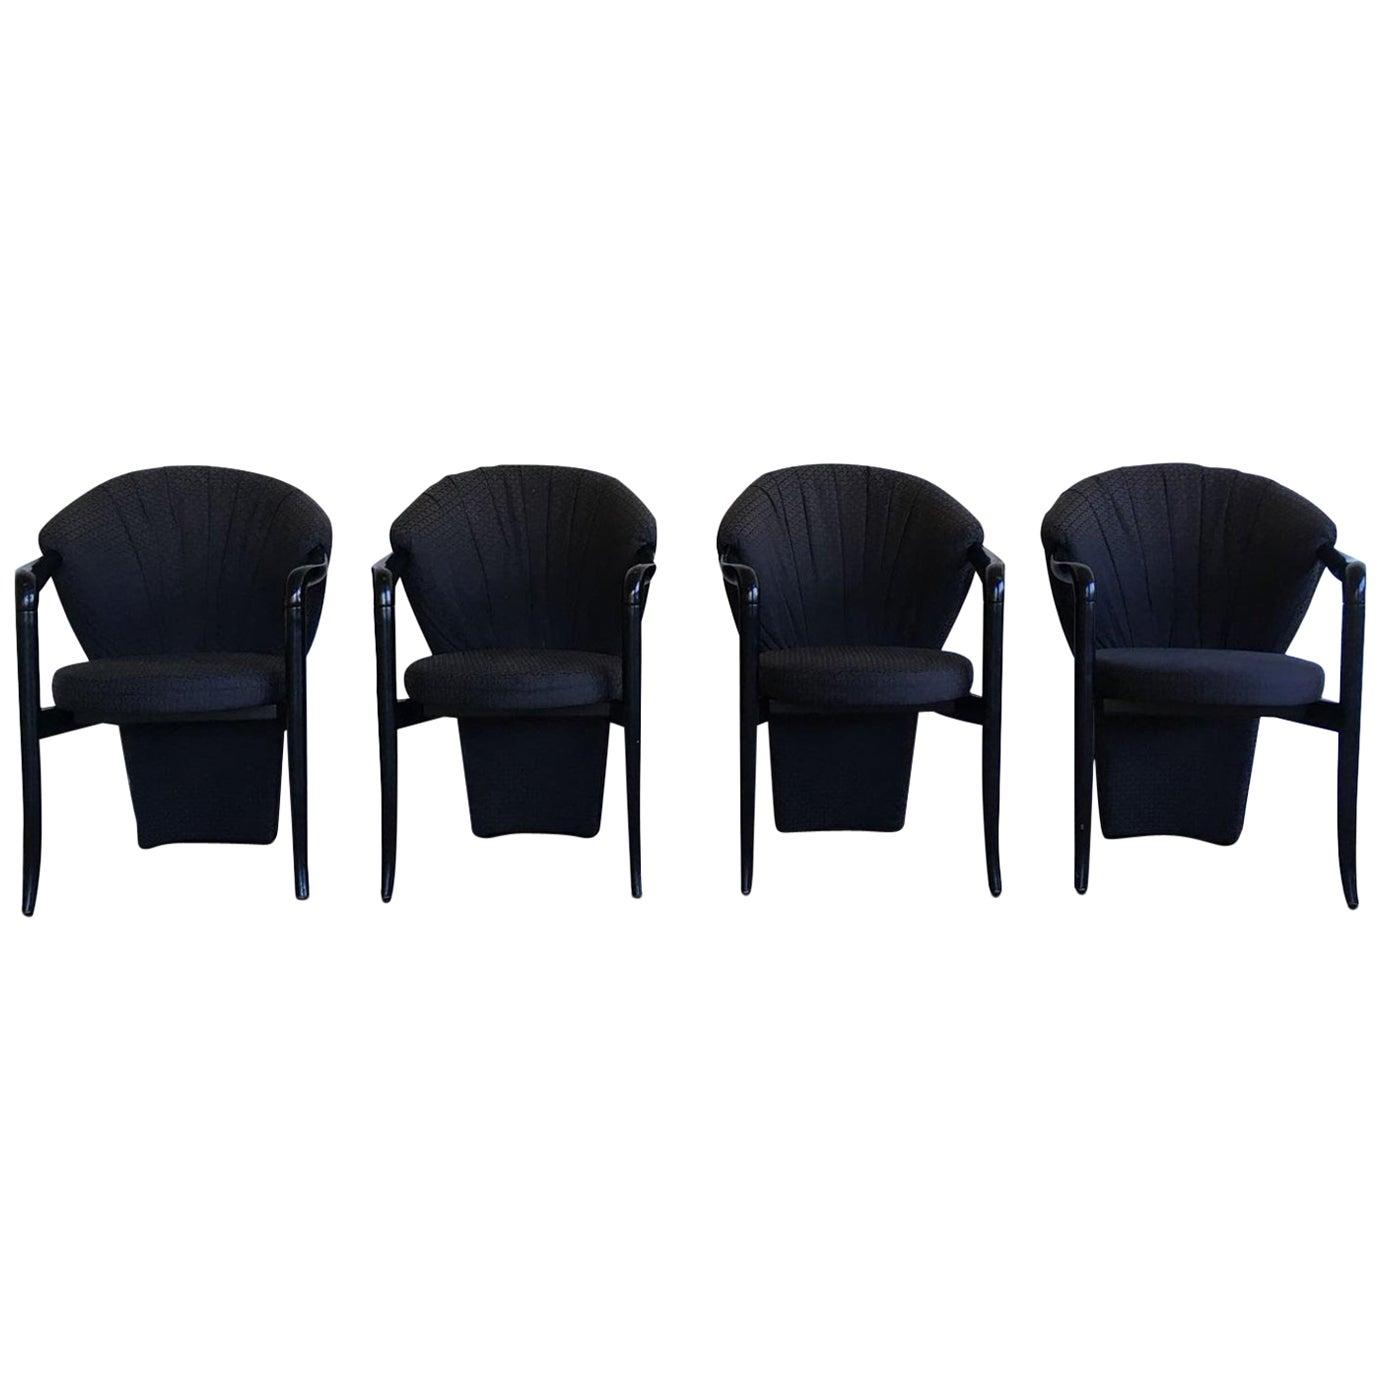 Pietro Constantini, Set of Four Black Elegant Dining Room Chairs, 1980s